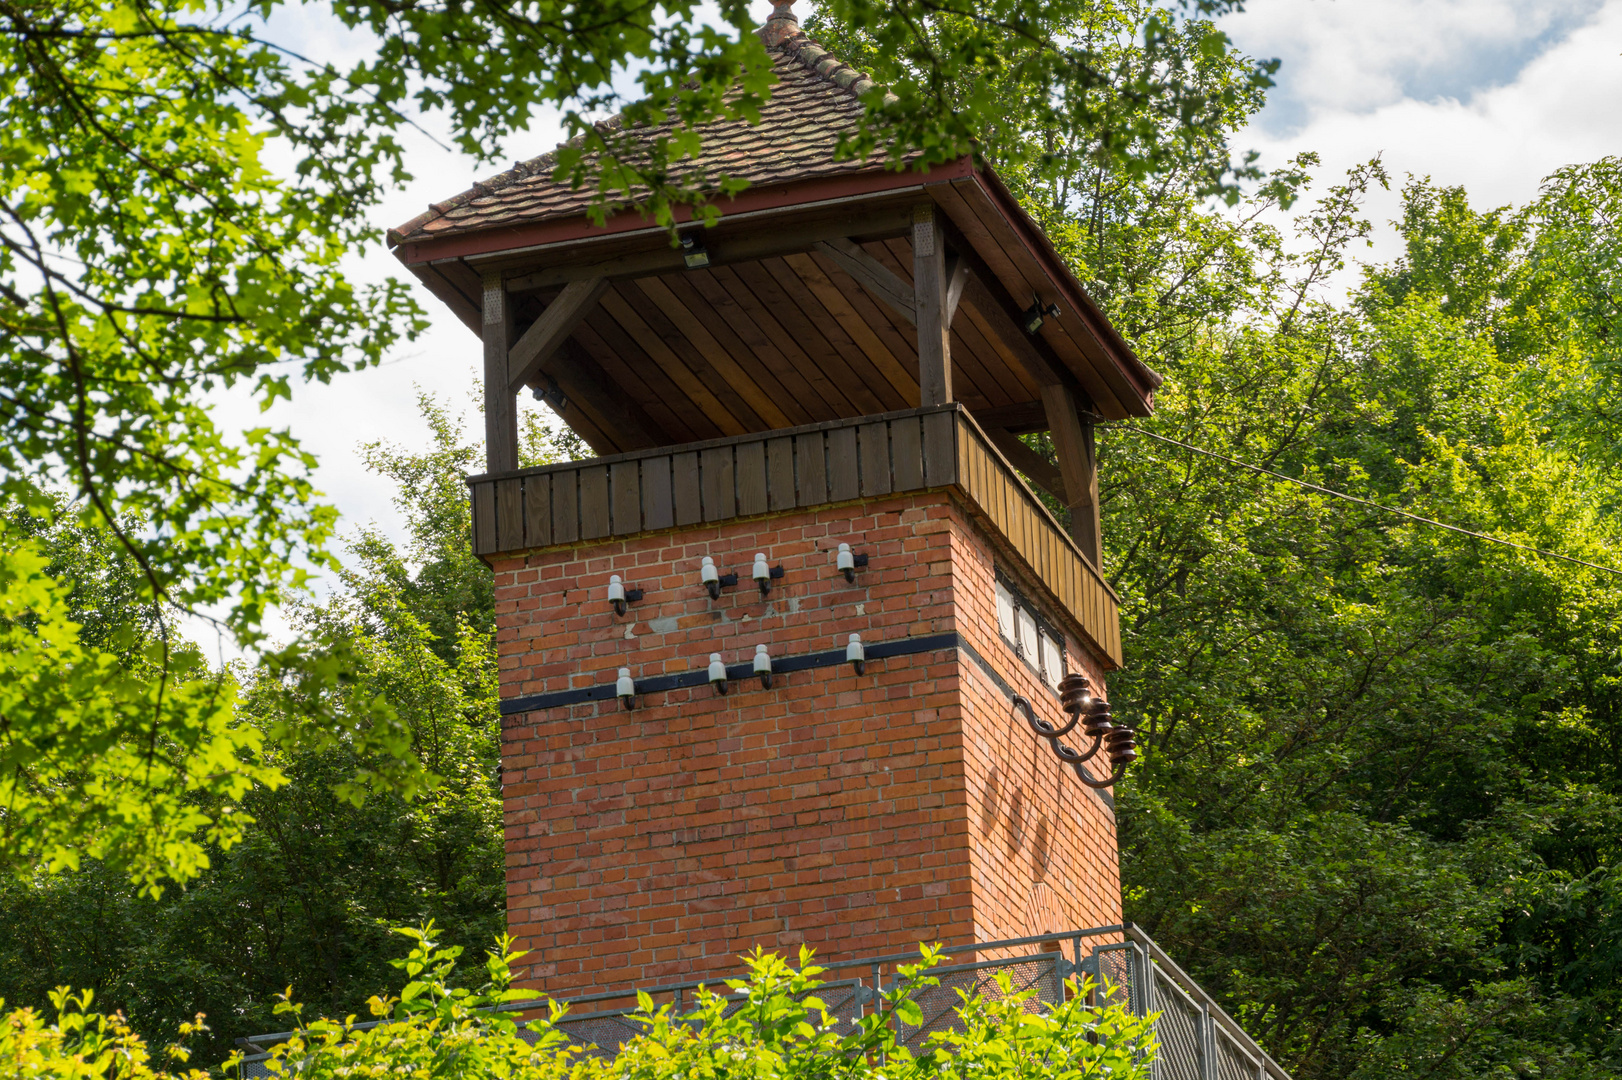 Turm im Grünen